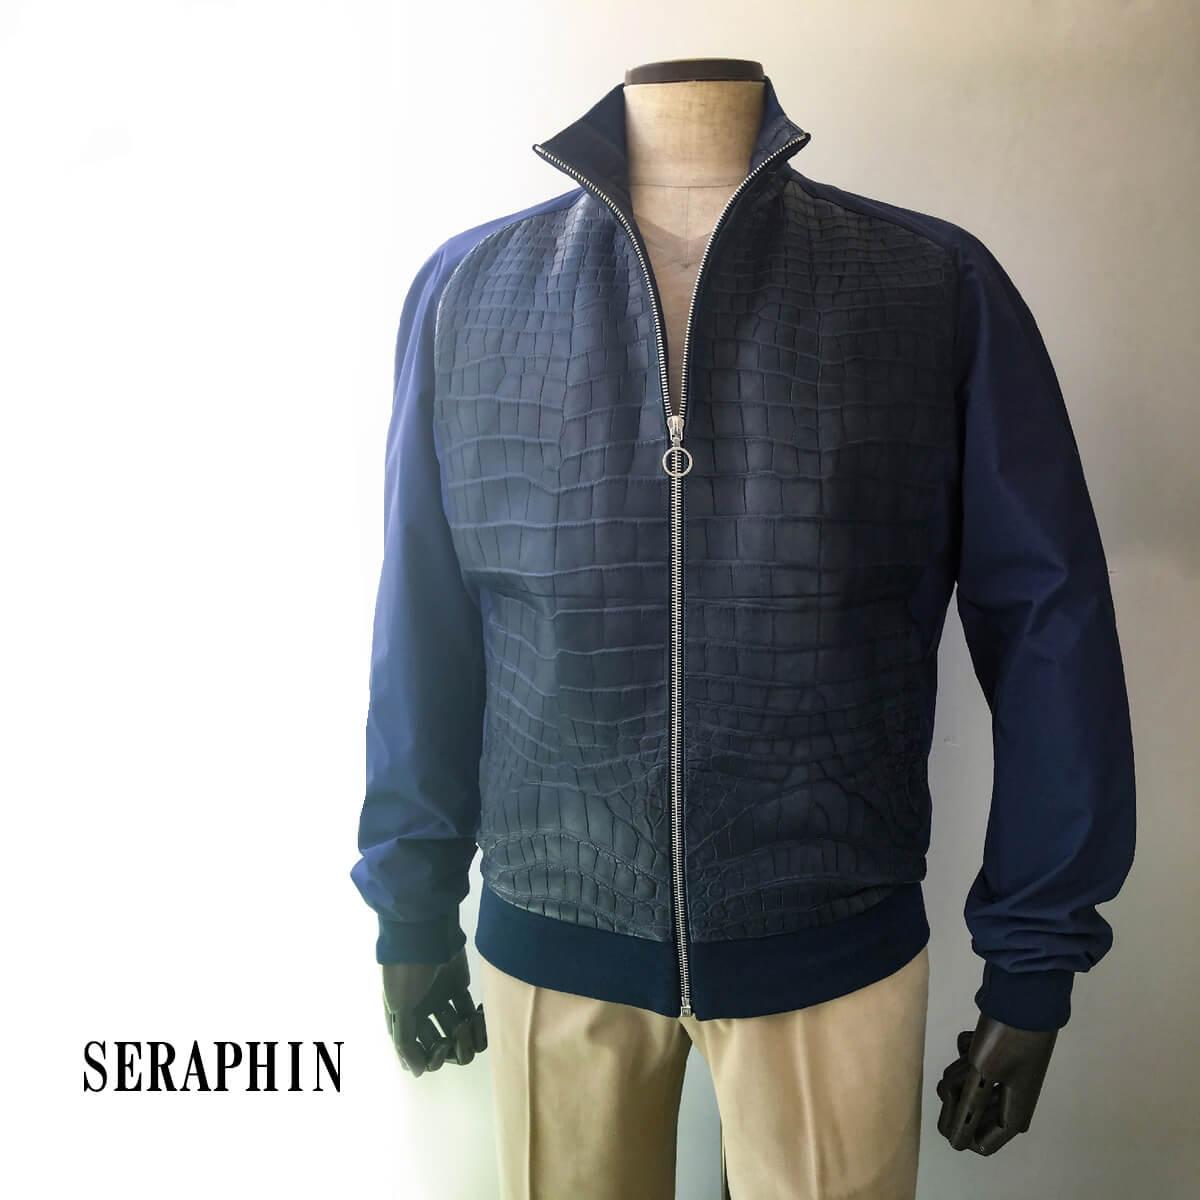 SERAPHIN (セラファン)ブルゾン メンズ カジュアル クロコダイル ネイビー 本革 エキゾチックレザー